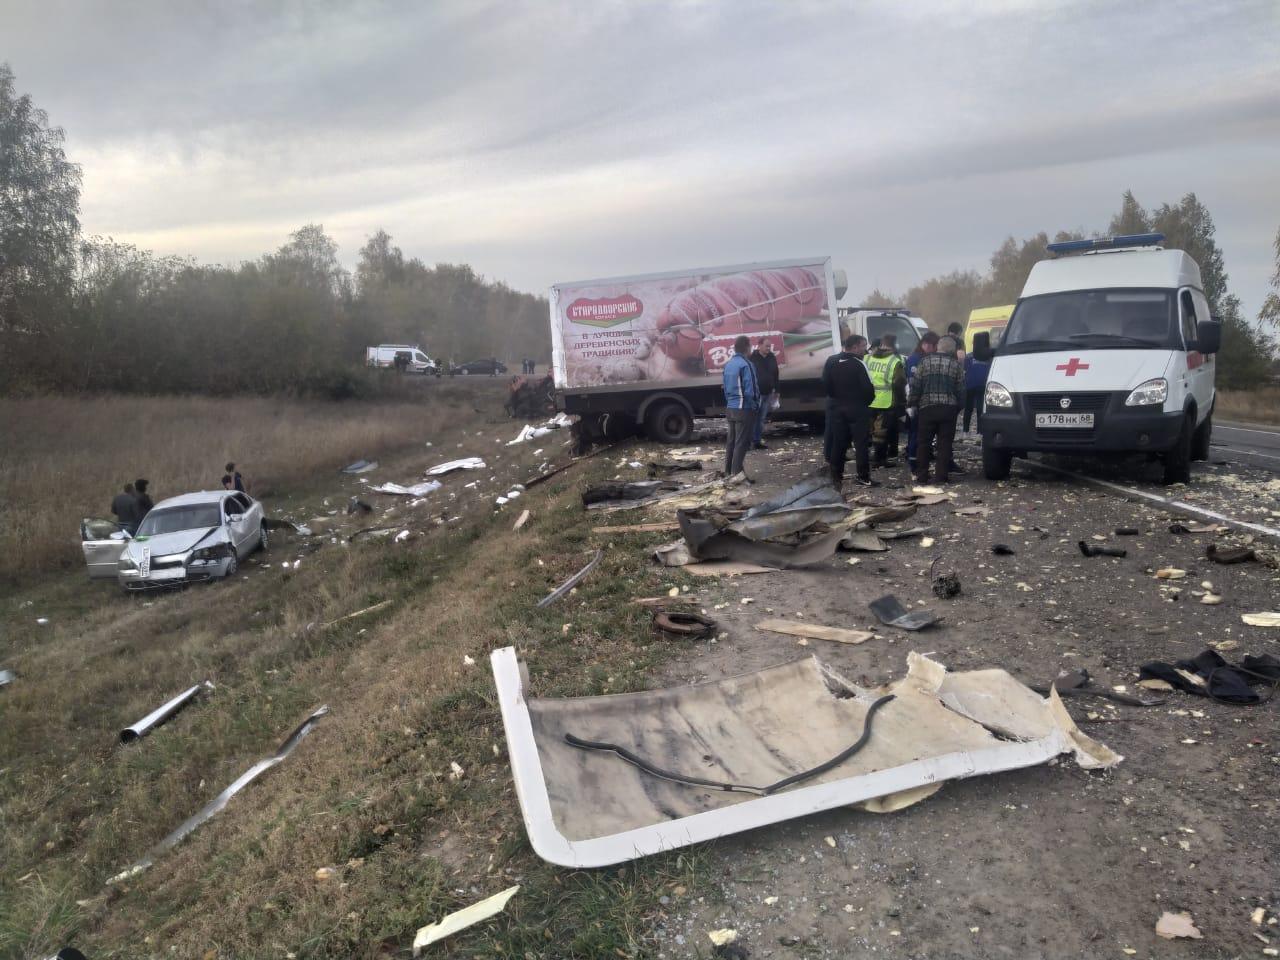 В Тамбовском районе столкнулись шесть автомобилей: двое пострадавших в тяжелом состоянии